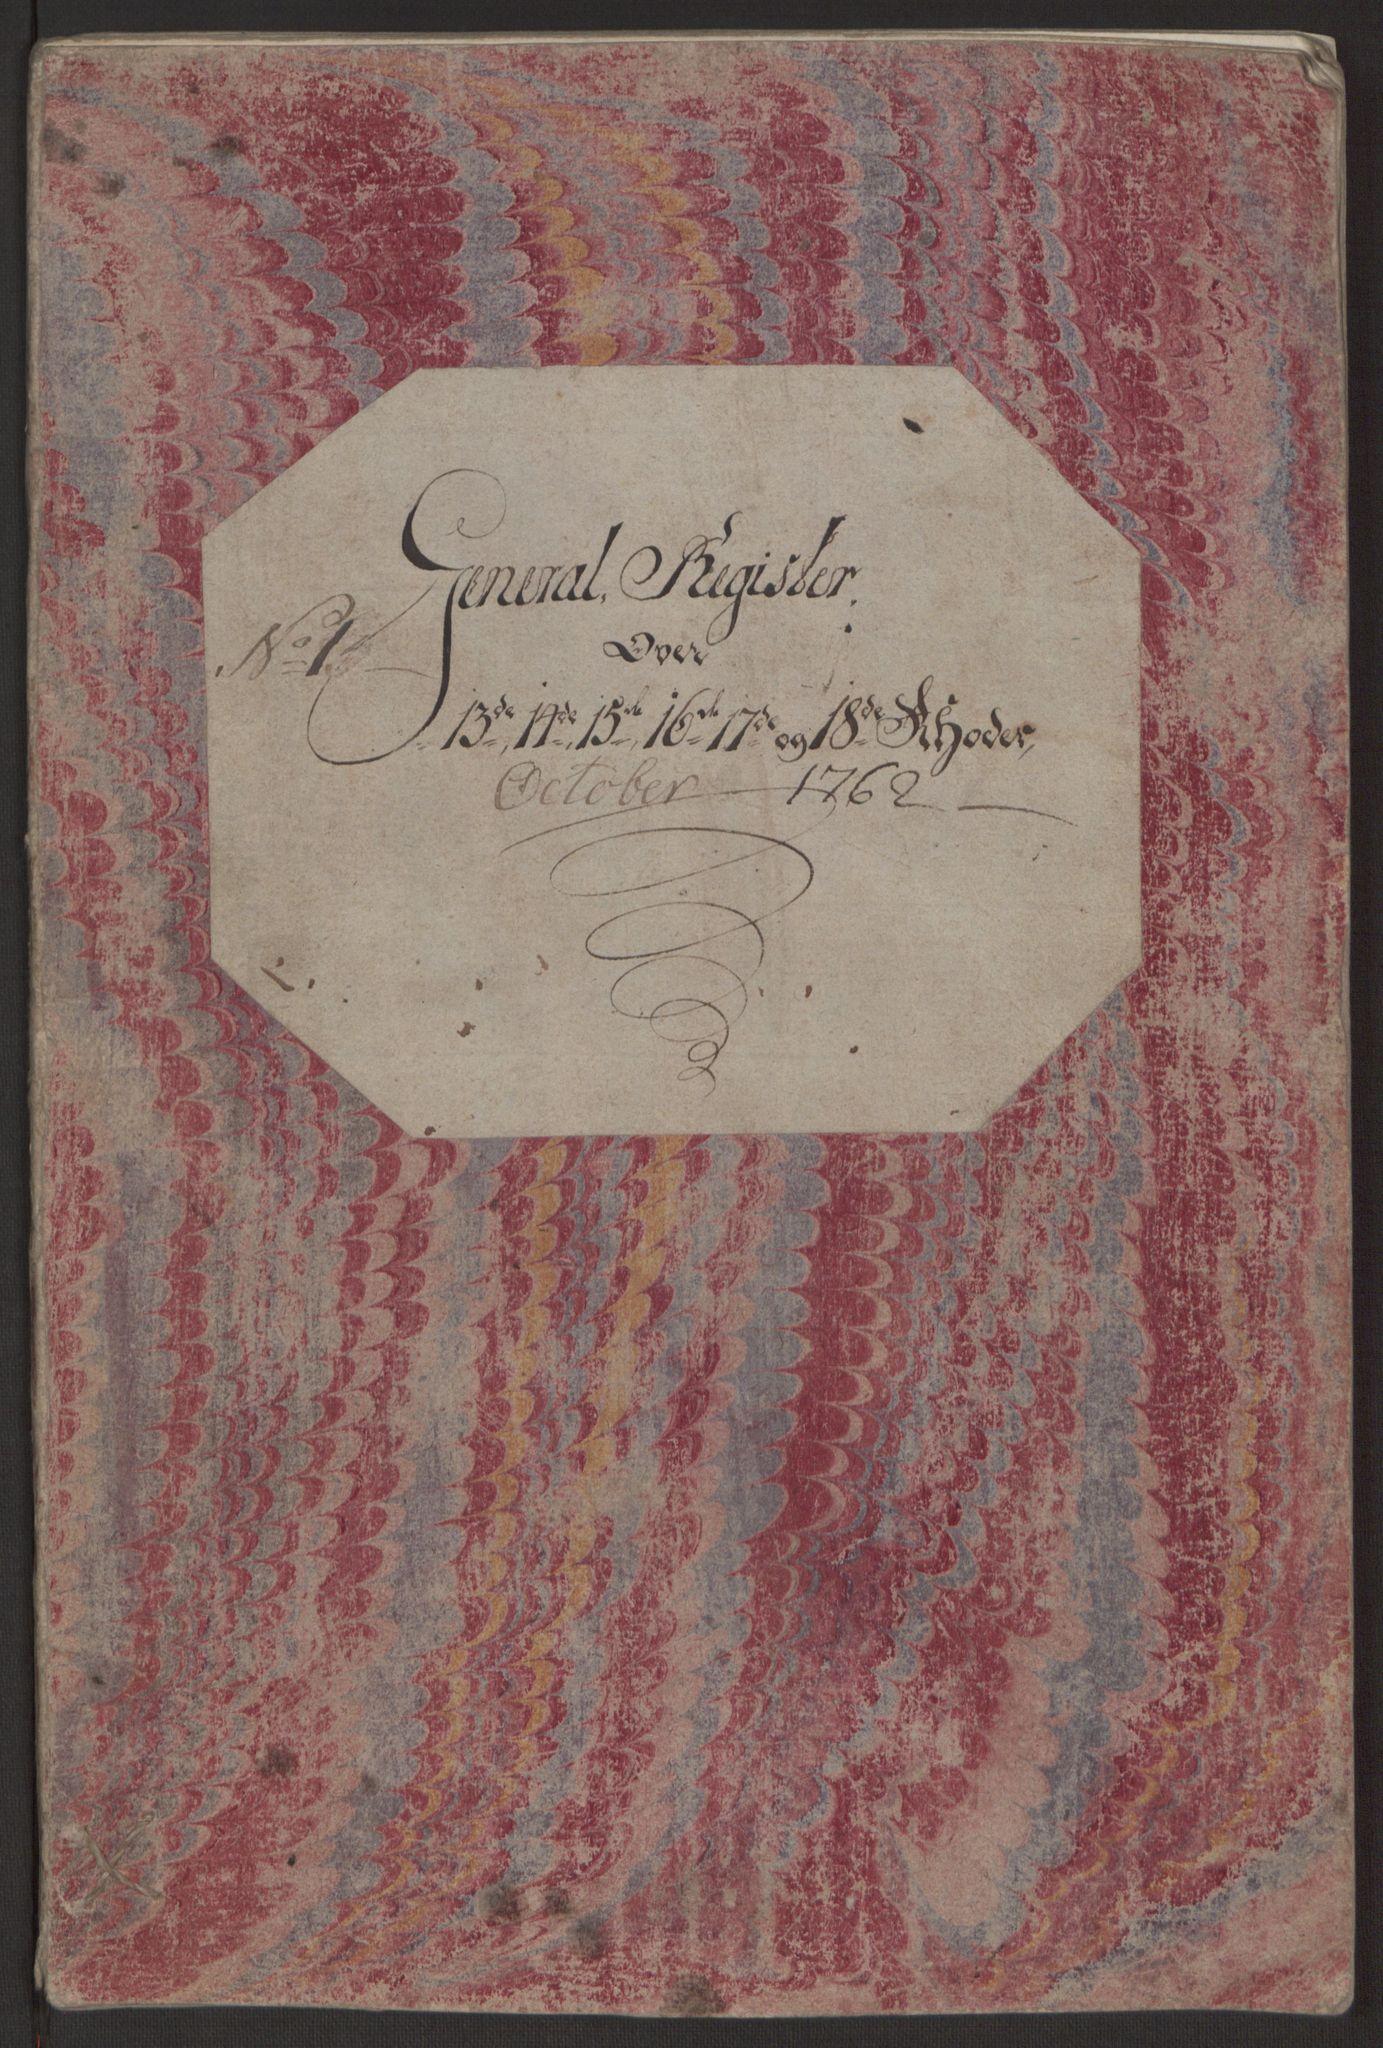 RA, Rentekammeret inntil 1814, Reviderte regnskaper, Byregnskaper, R/Rp/L0365: [P20] Kontribusjonsregnskap, 1762, s. 111